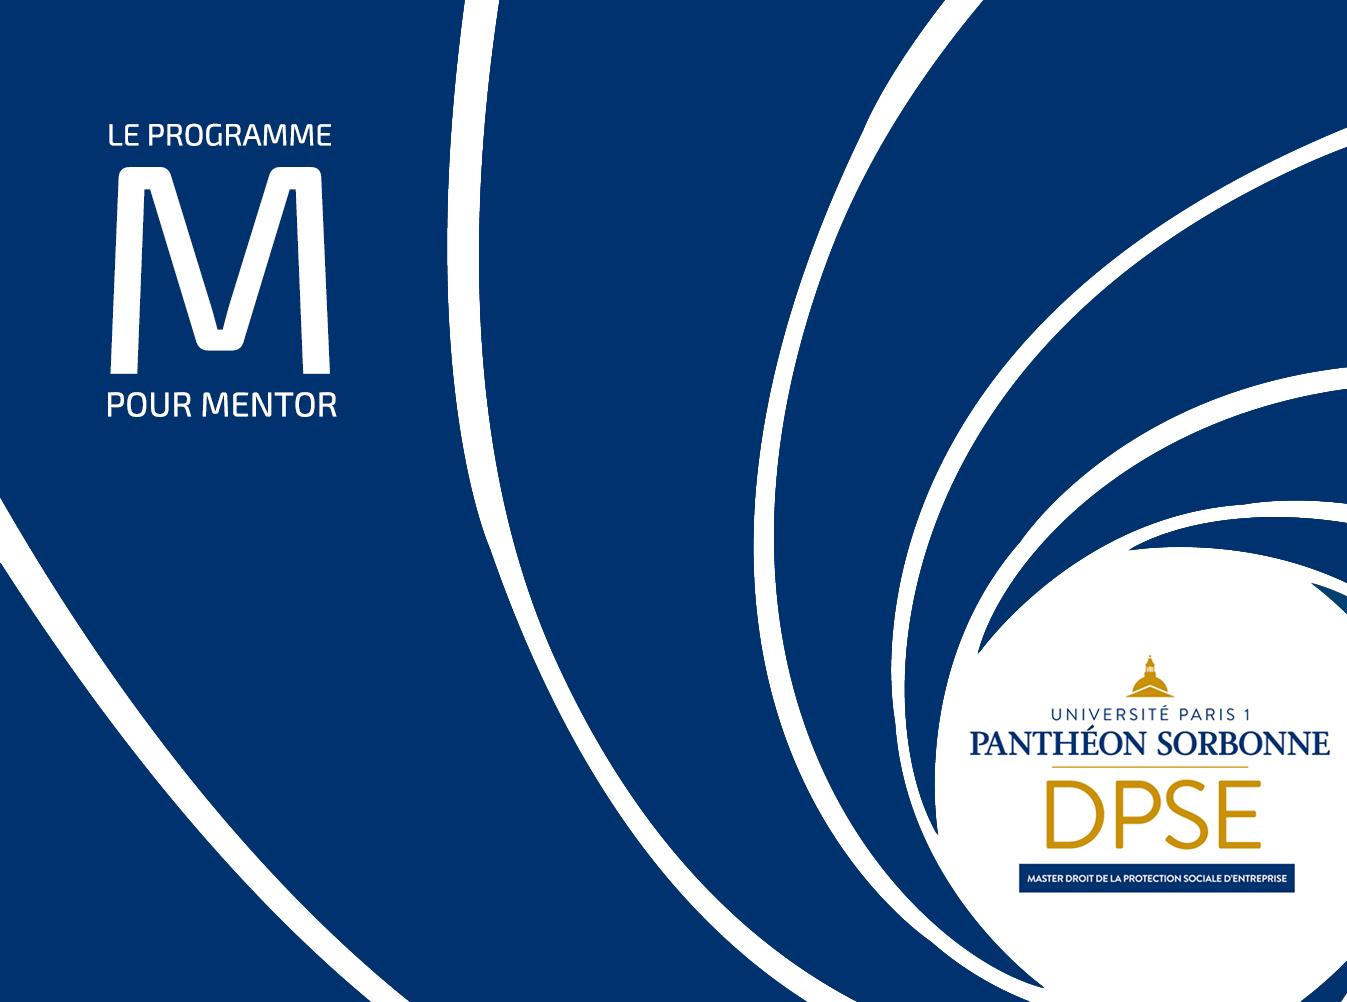 M-pour-mentor-DPSE.jpg